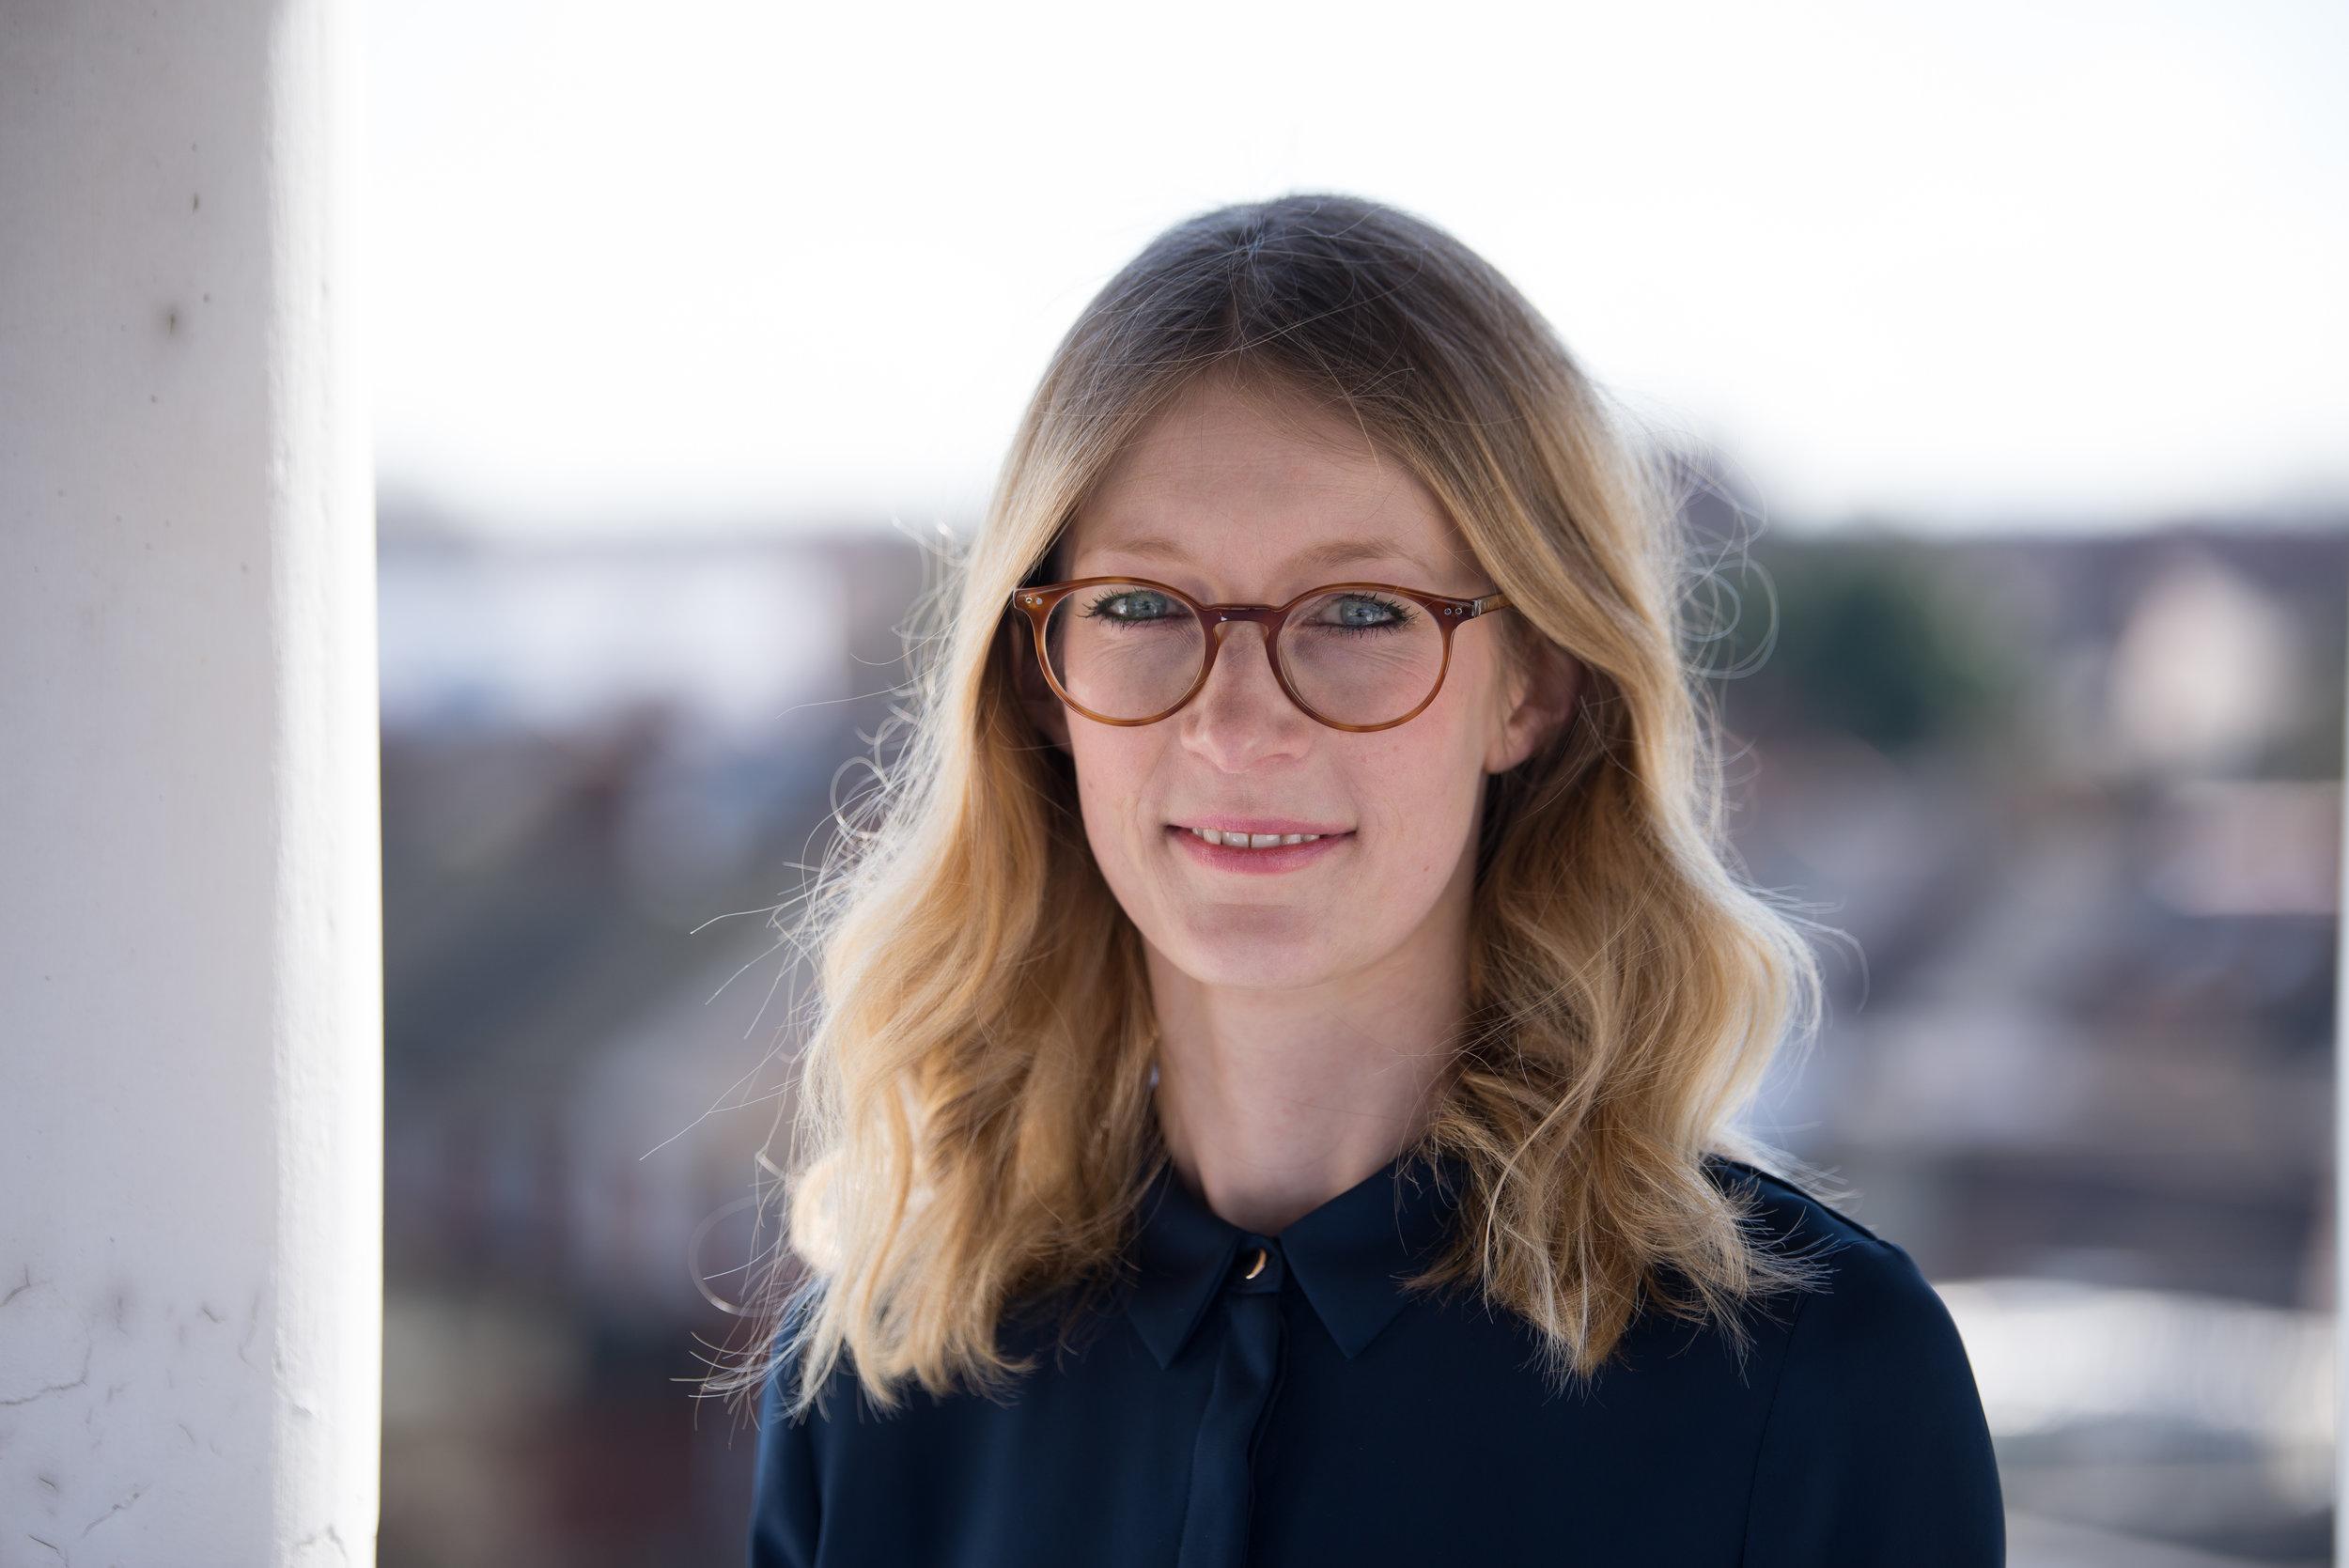 Katie Portraits-1 - Katie Bilboa.jpeg